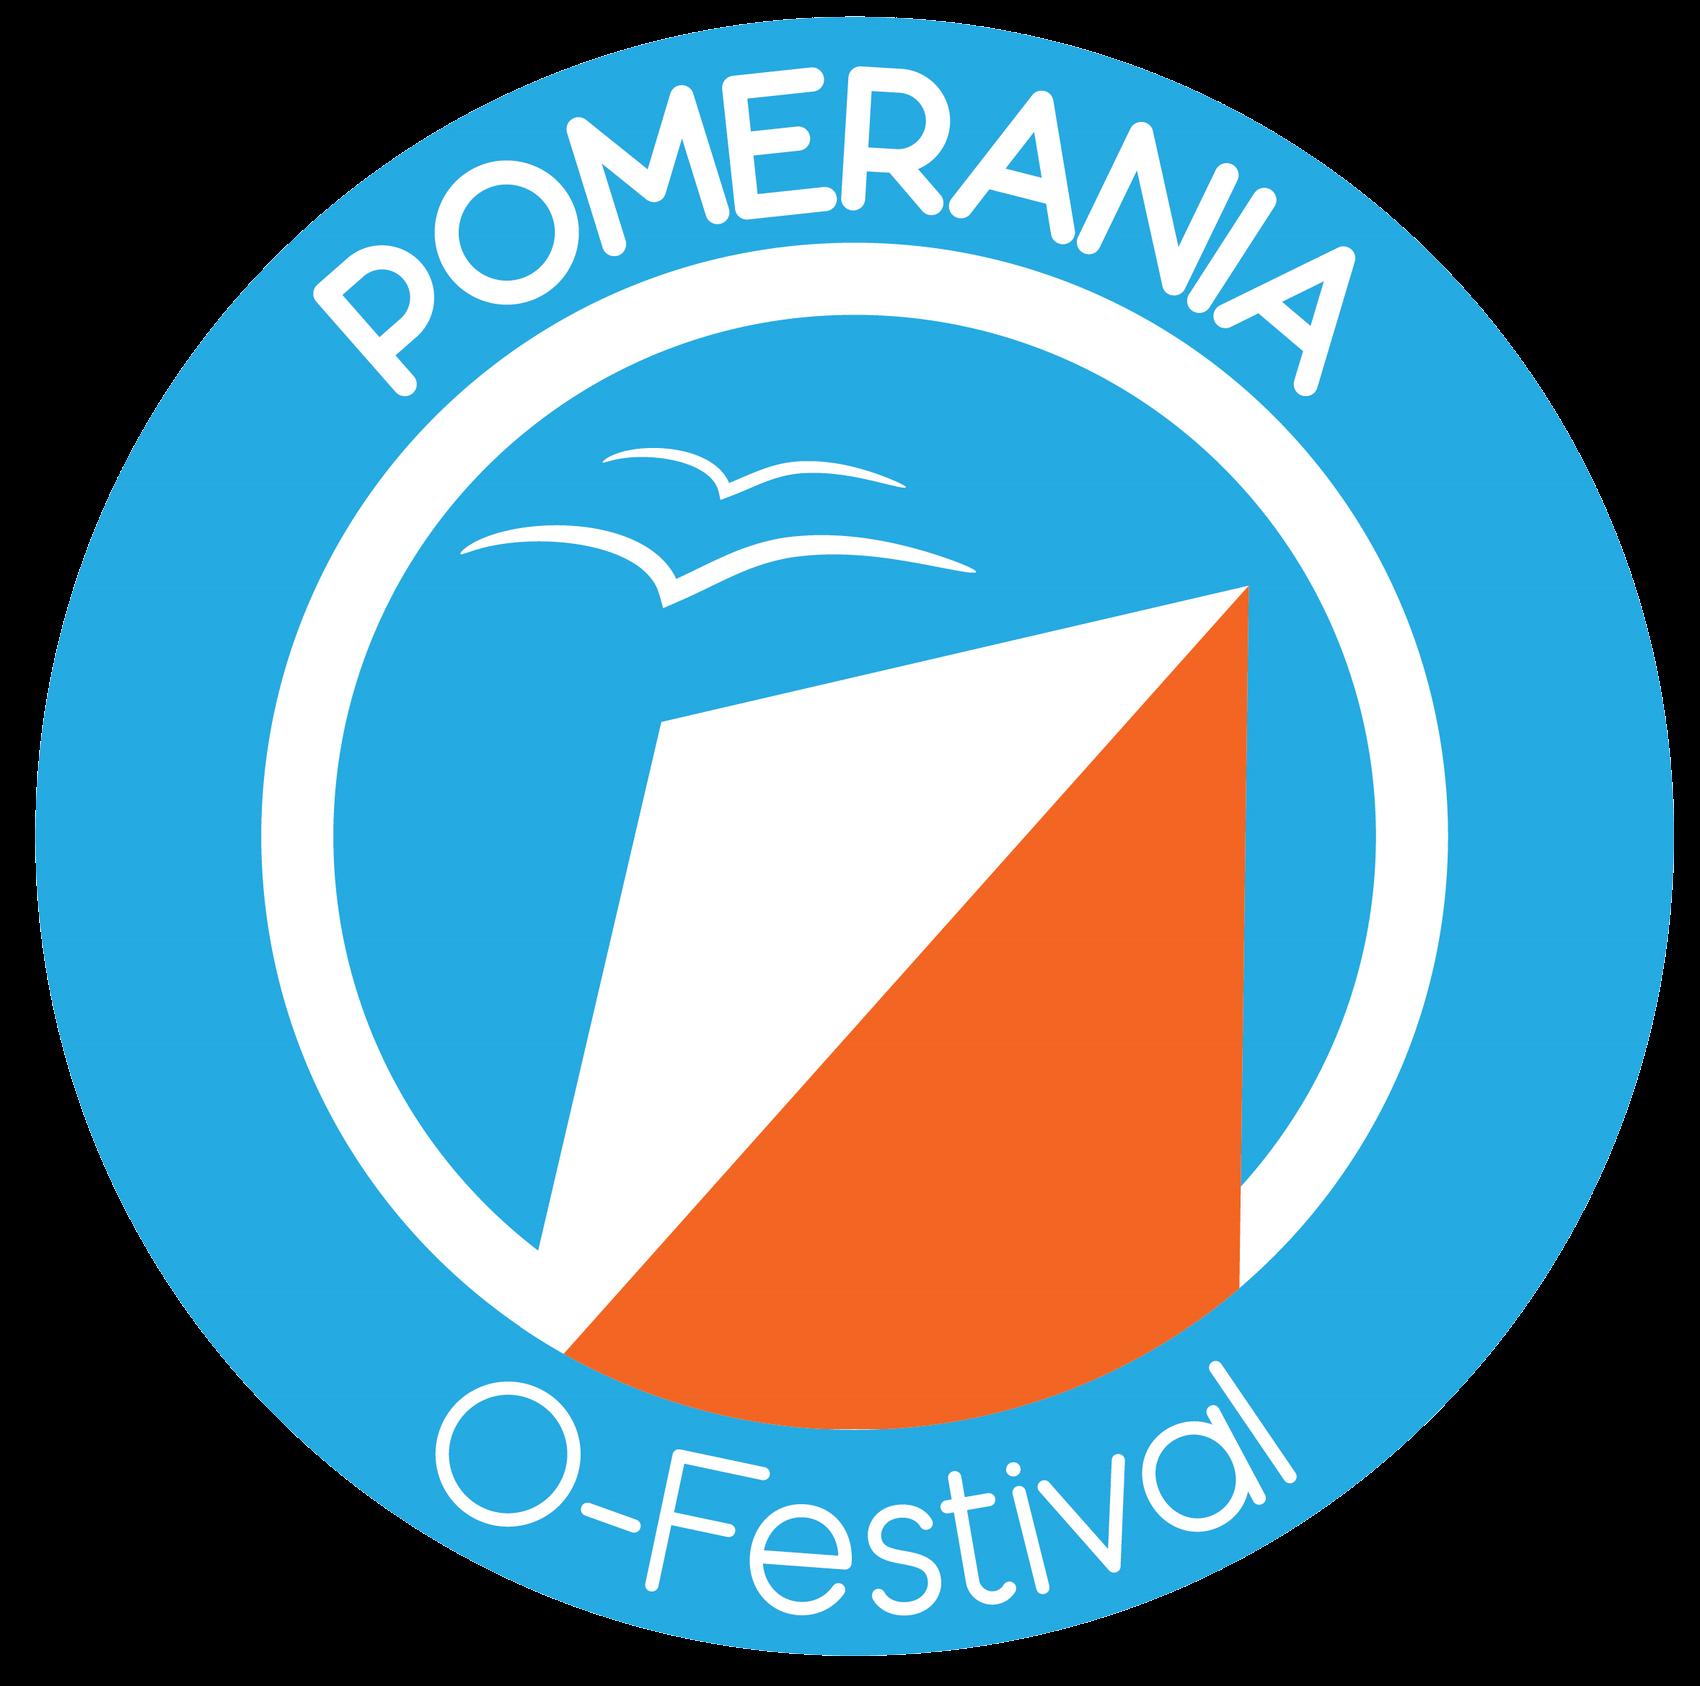 Pomerania O-Festival